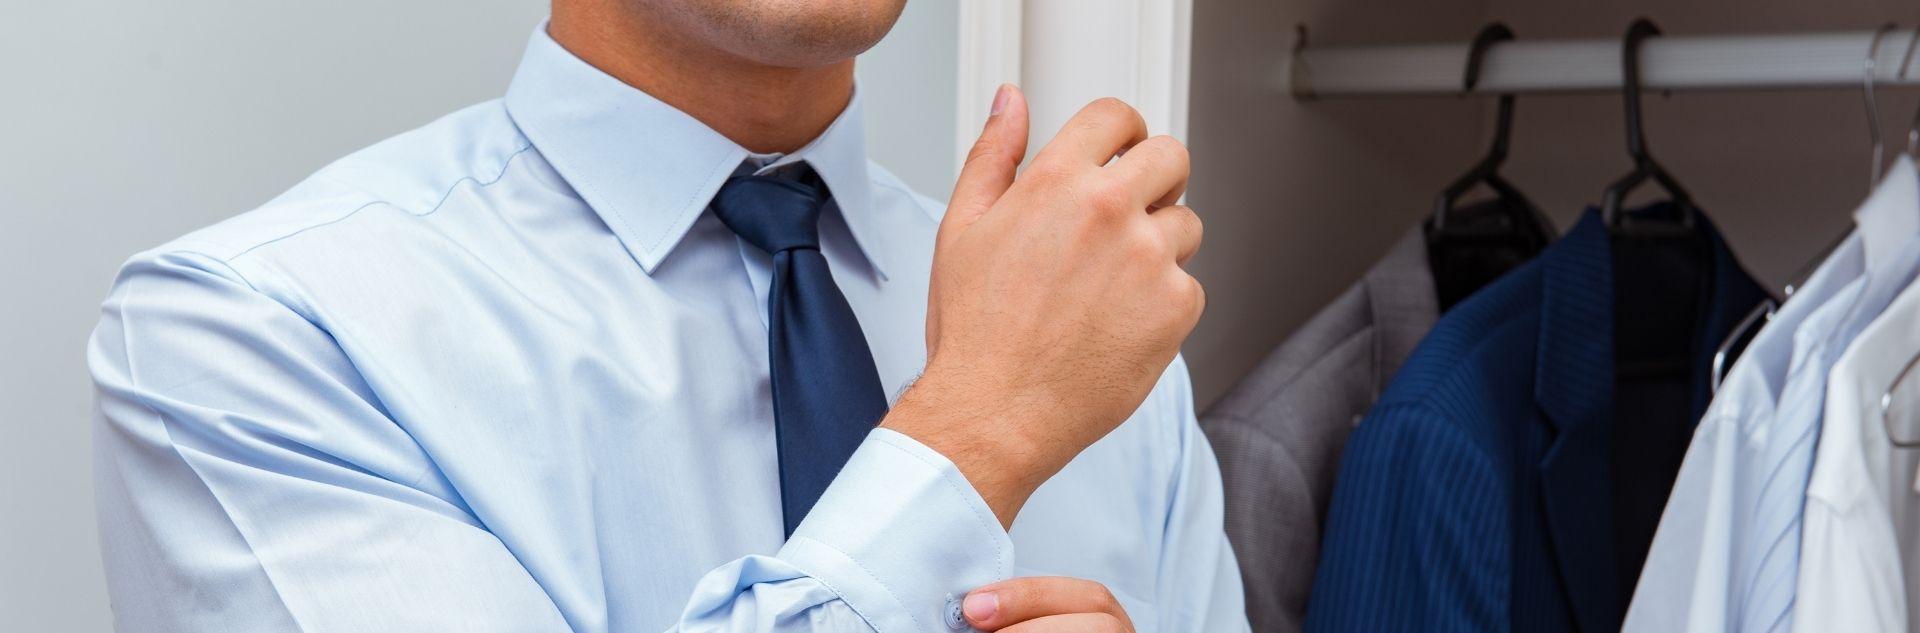 Dresscode Guide Mann knöpft Ärmel von seinem Businesshemd zu